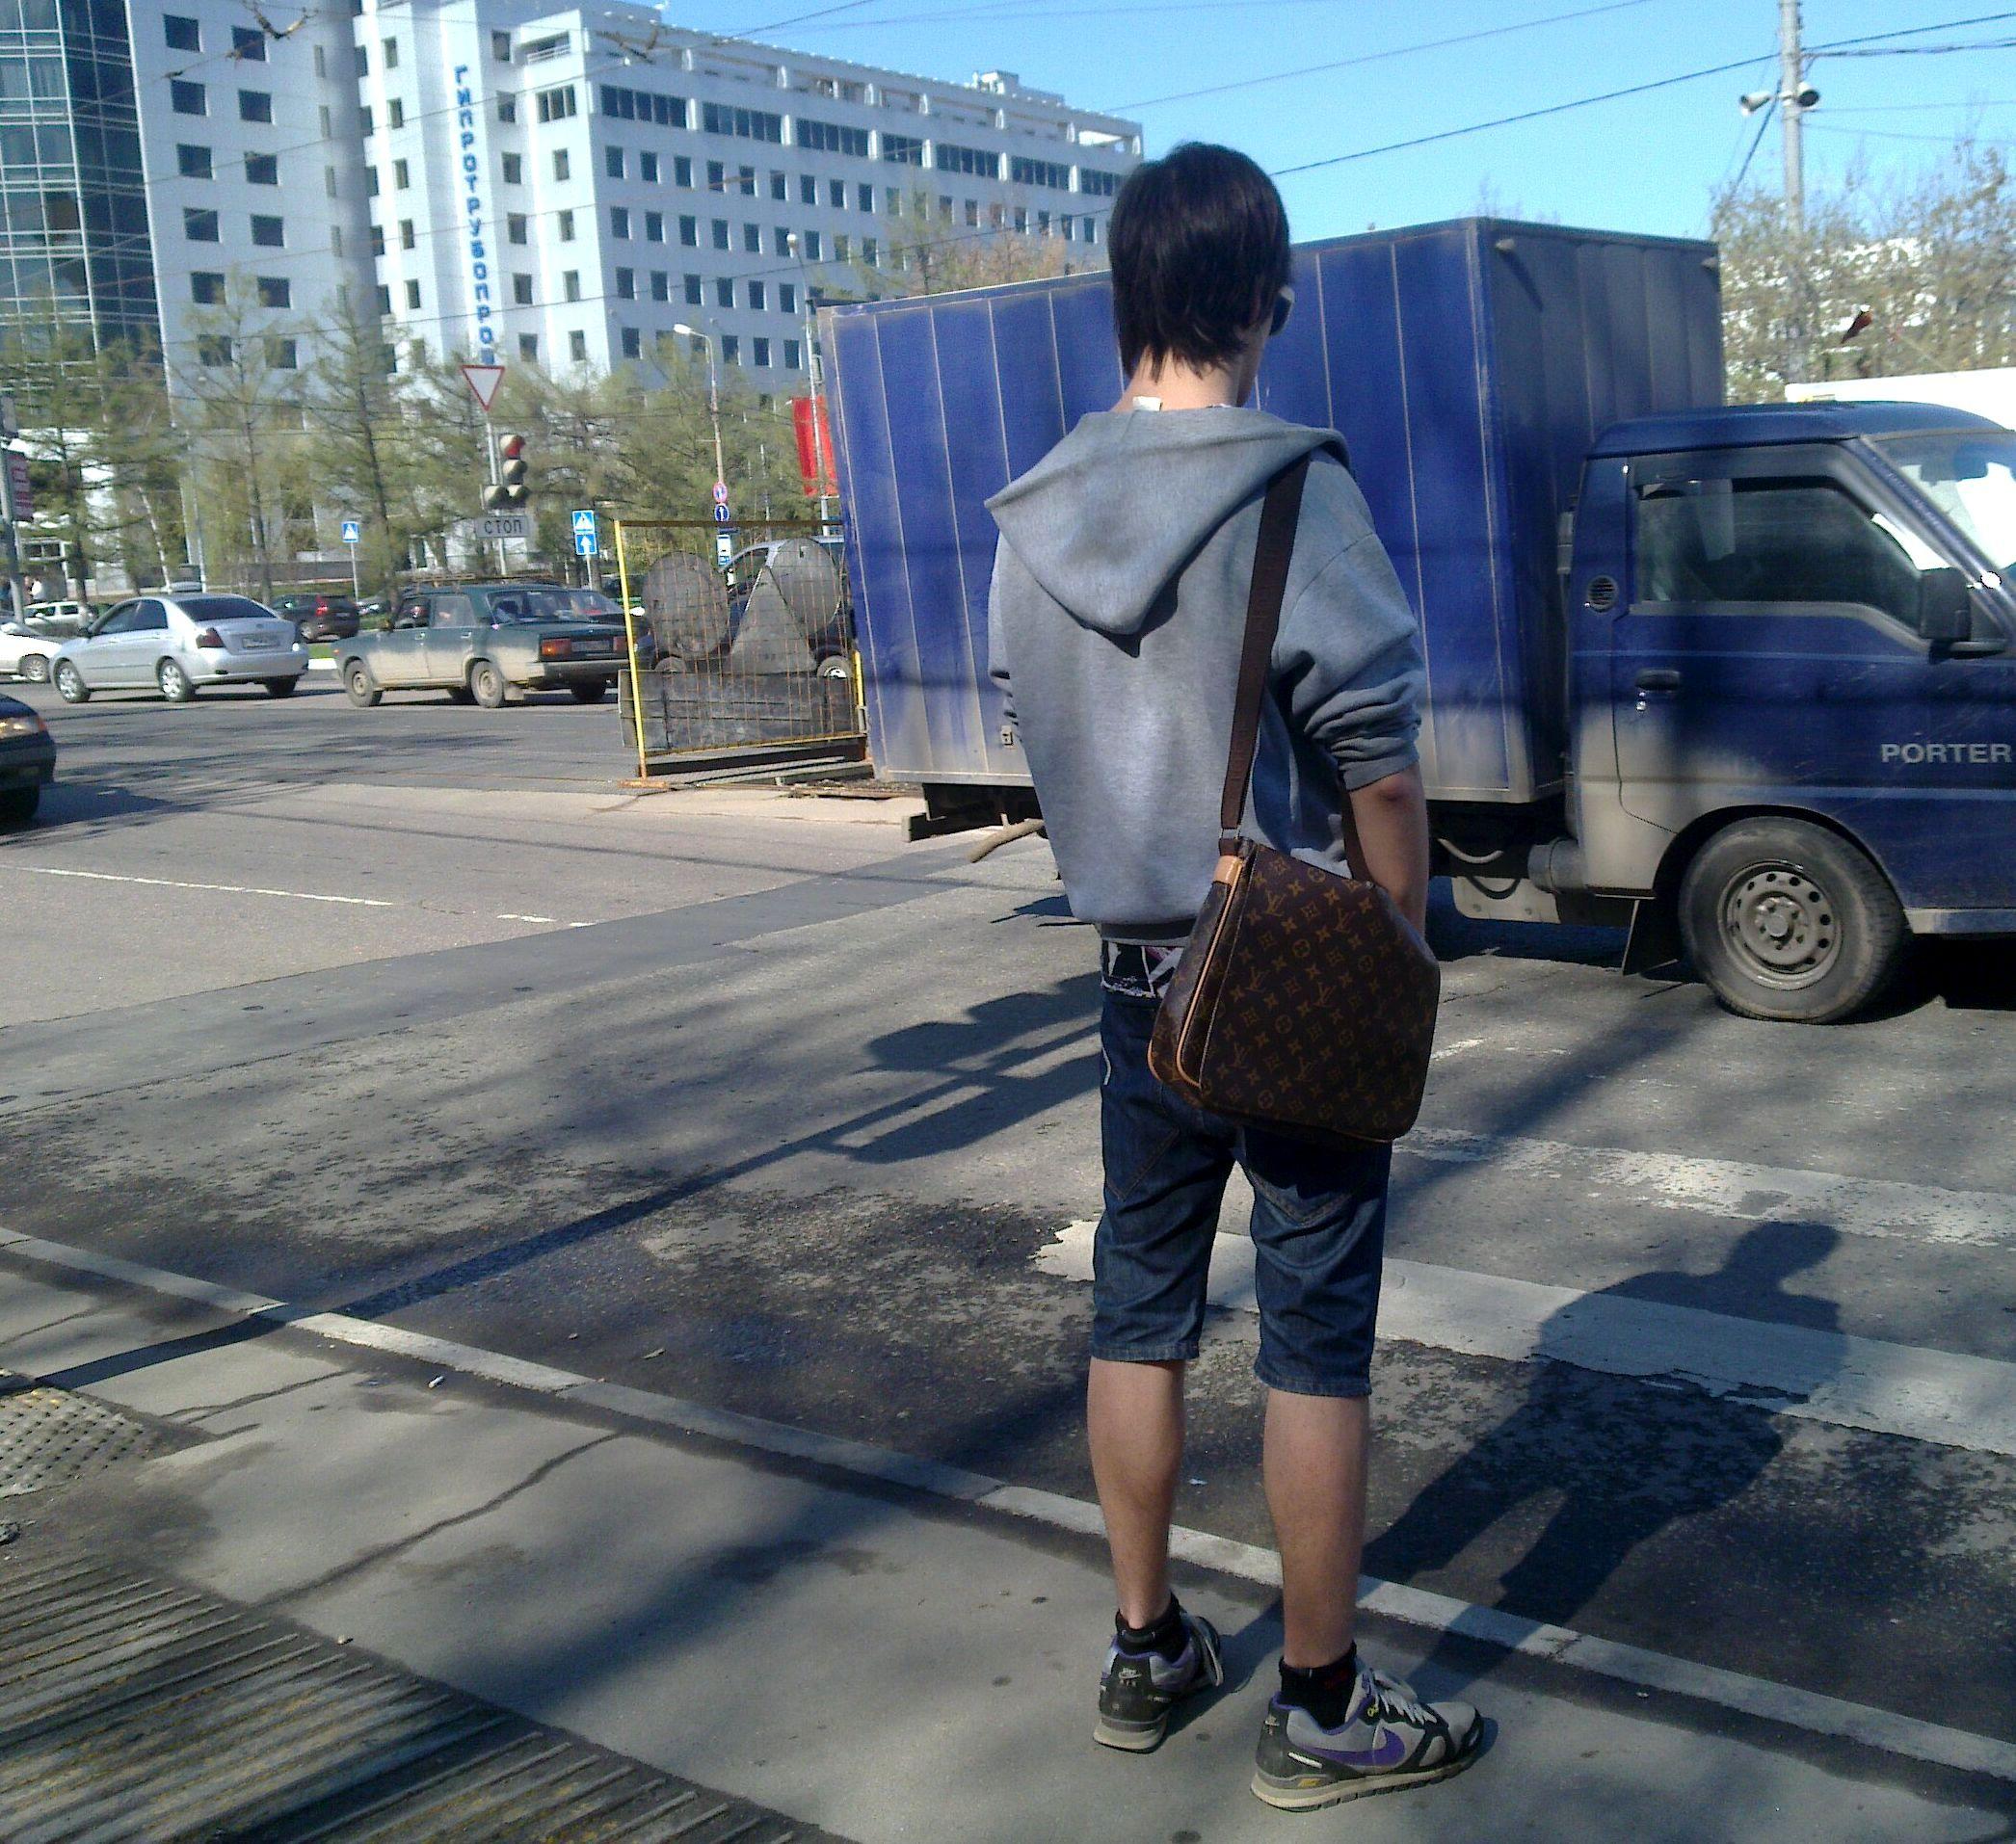 шорты джинсы сумка луи вуитон кроссовки найк nike louis vuitton кофта эмо прическа